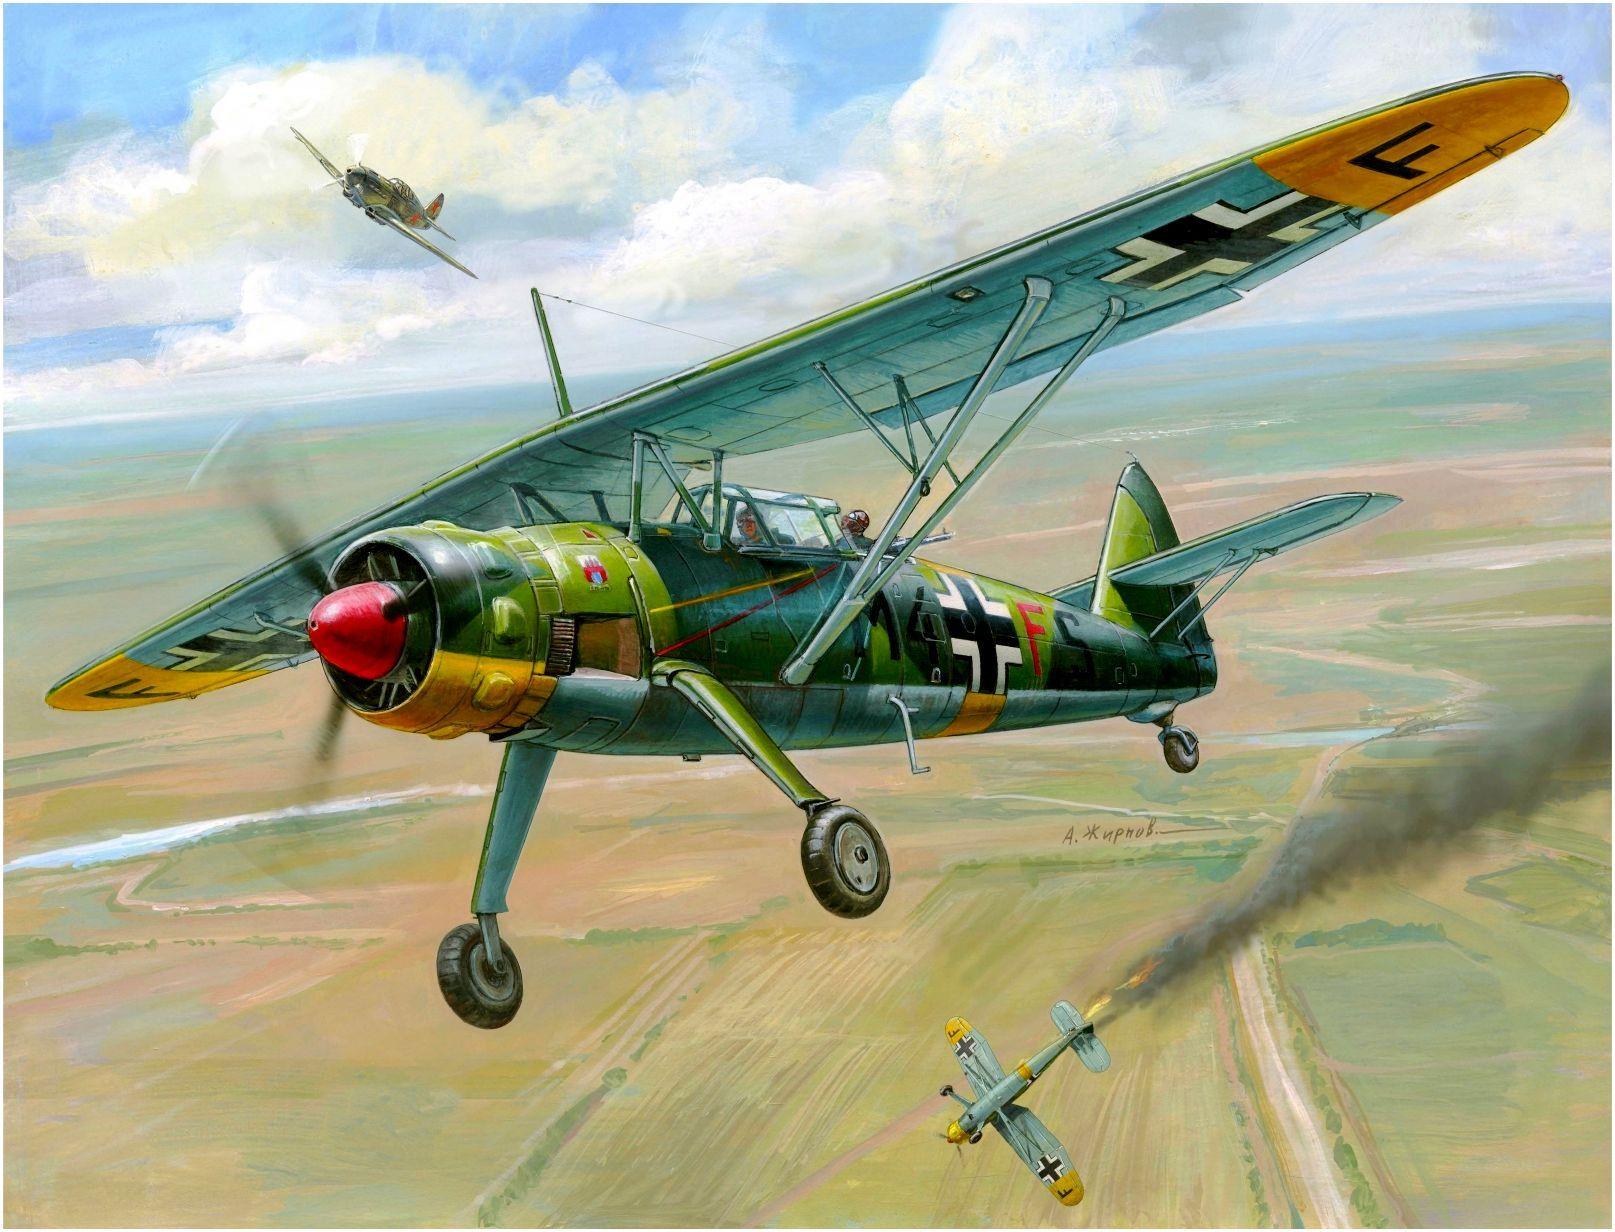 German Henschel Hs-126B-1 under attack